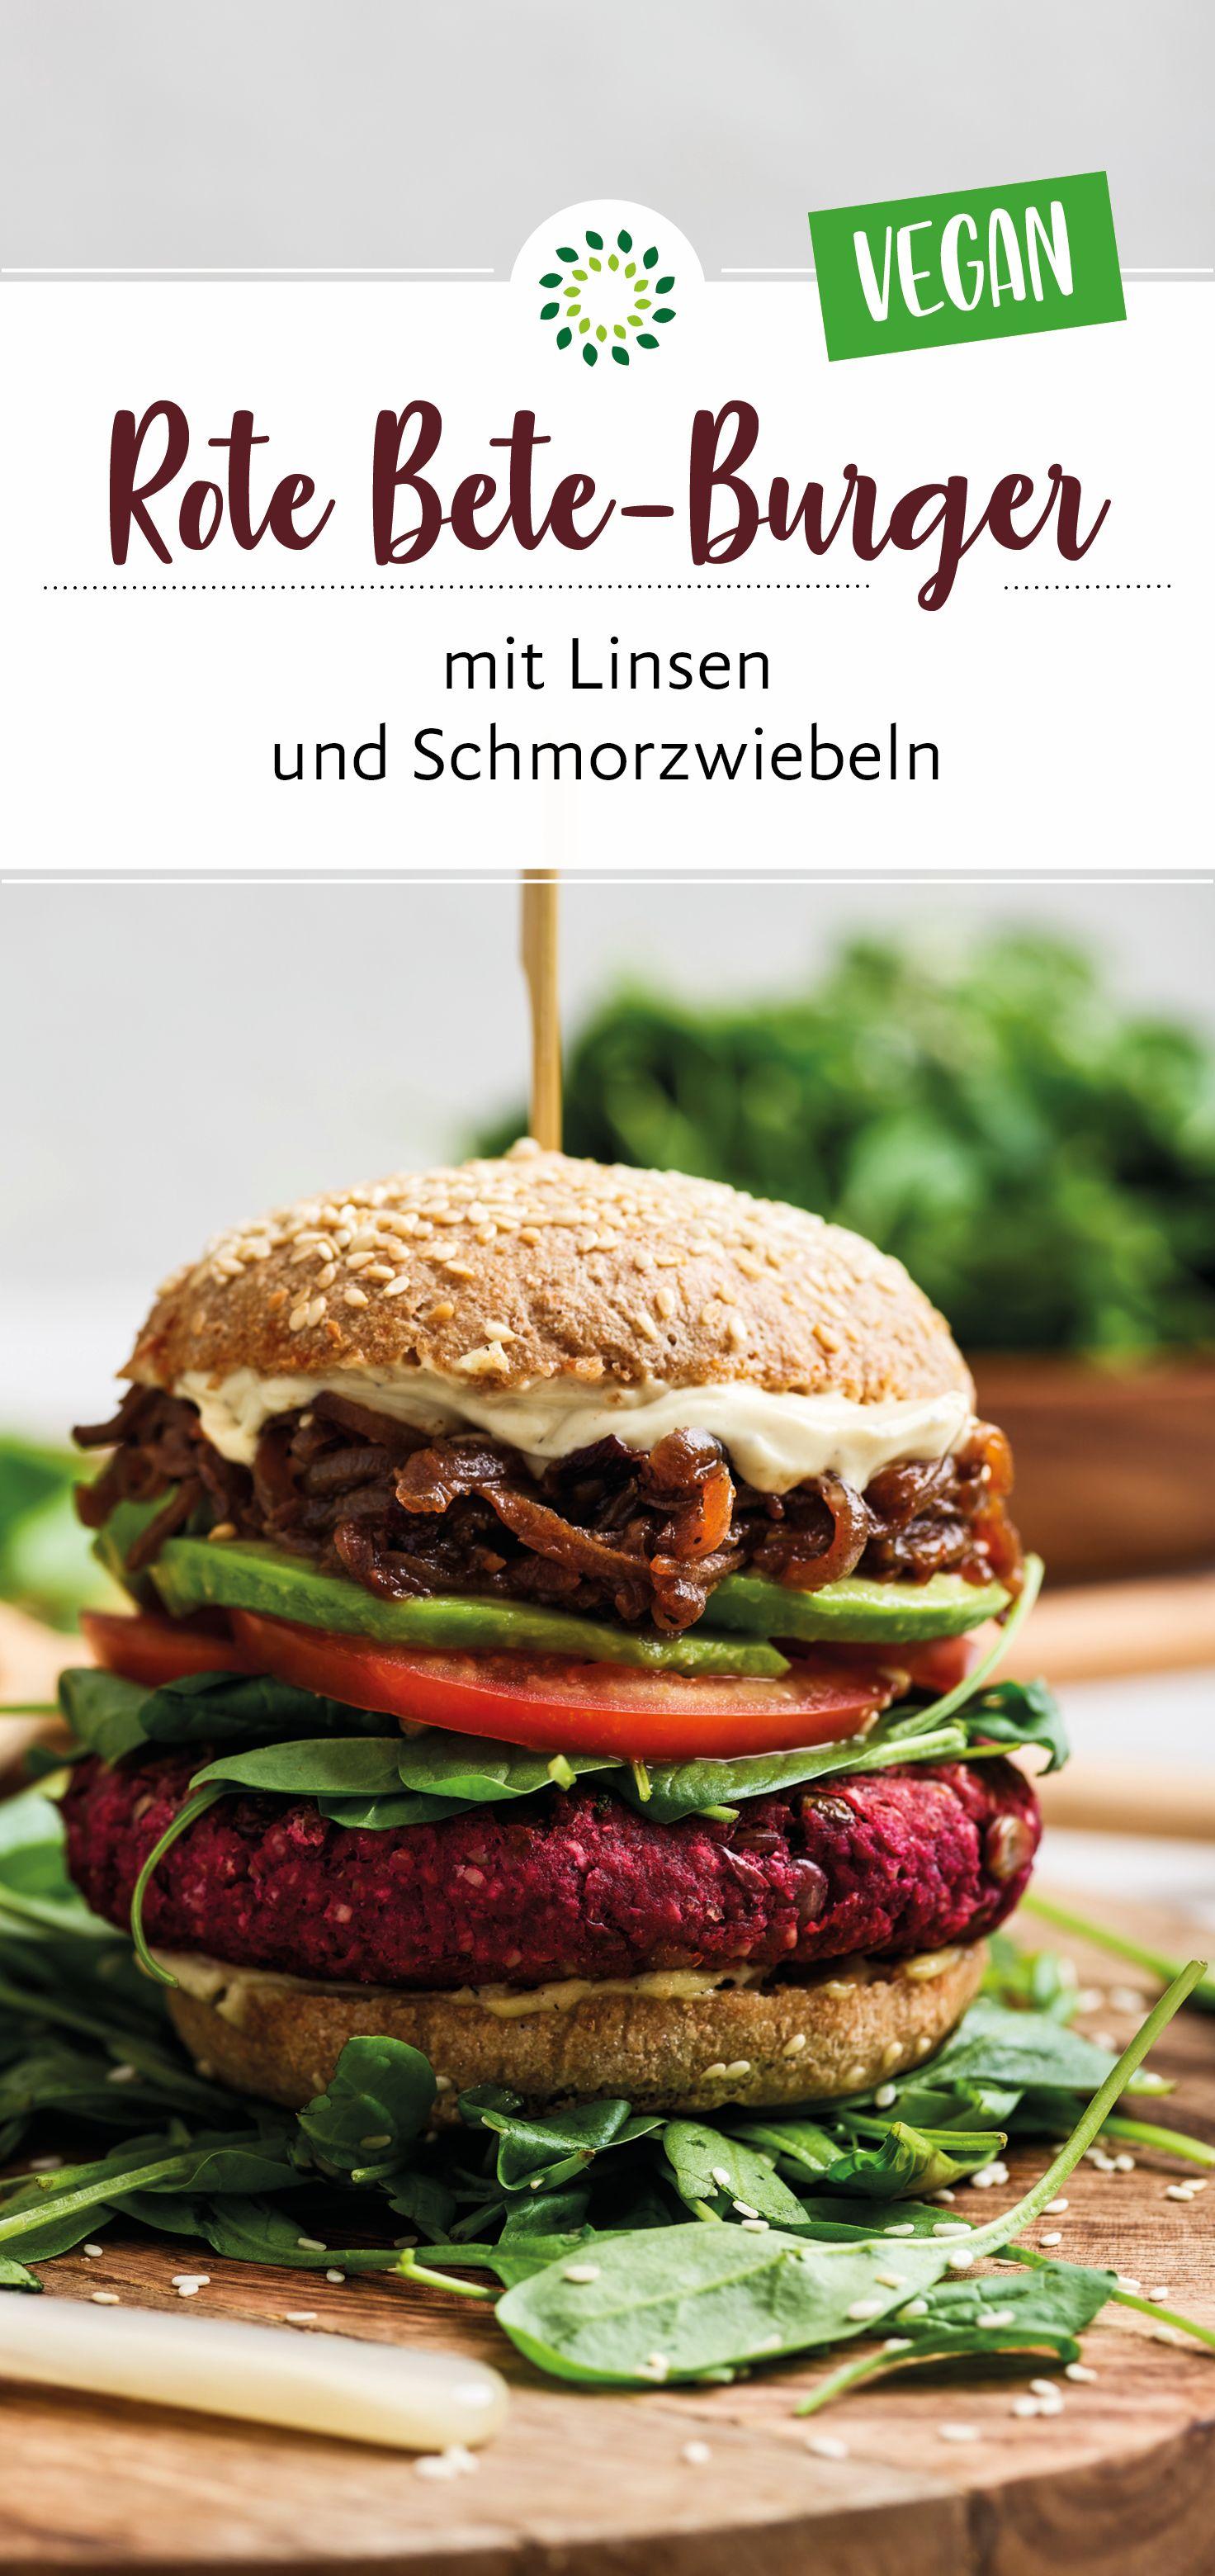 Rote Bete-Burger mit Linsen und Schmorzwiebeln  #hamburgermeatrecipes